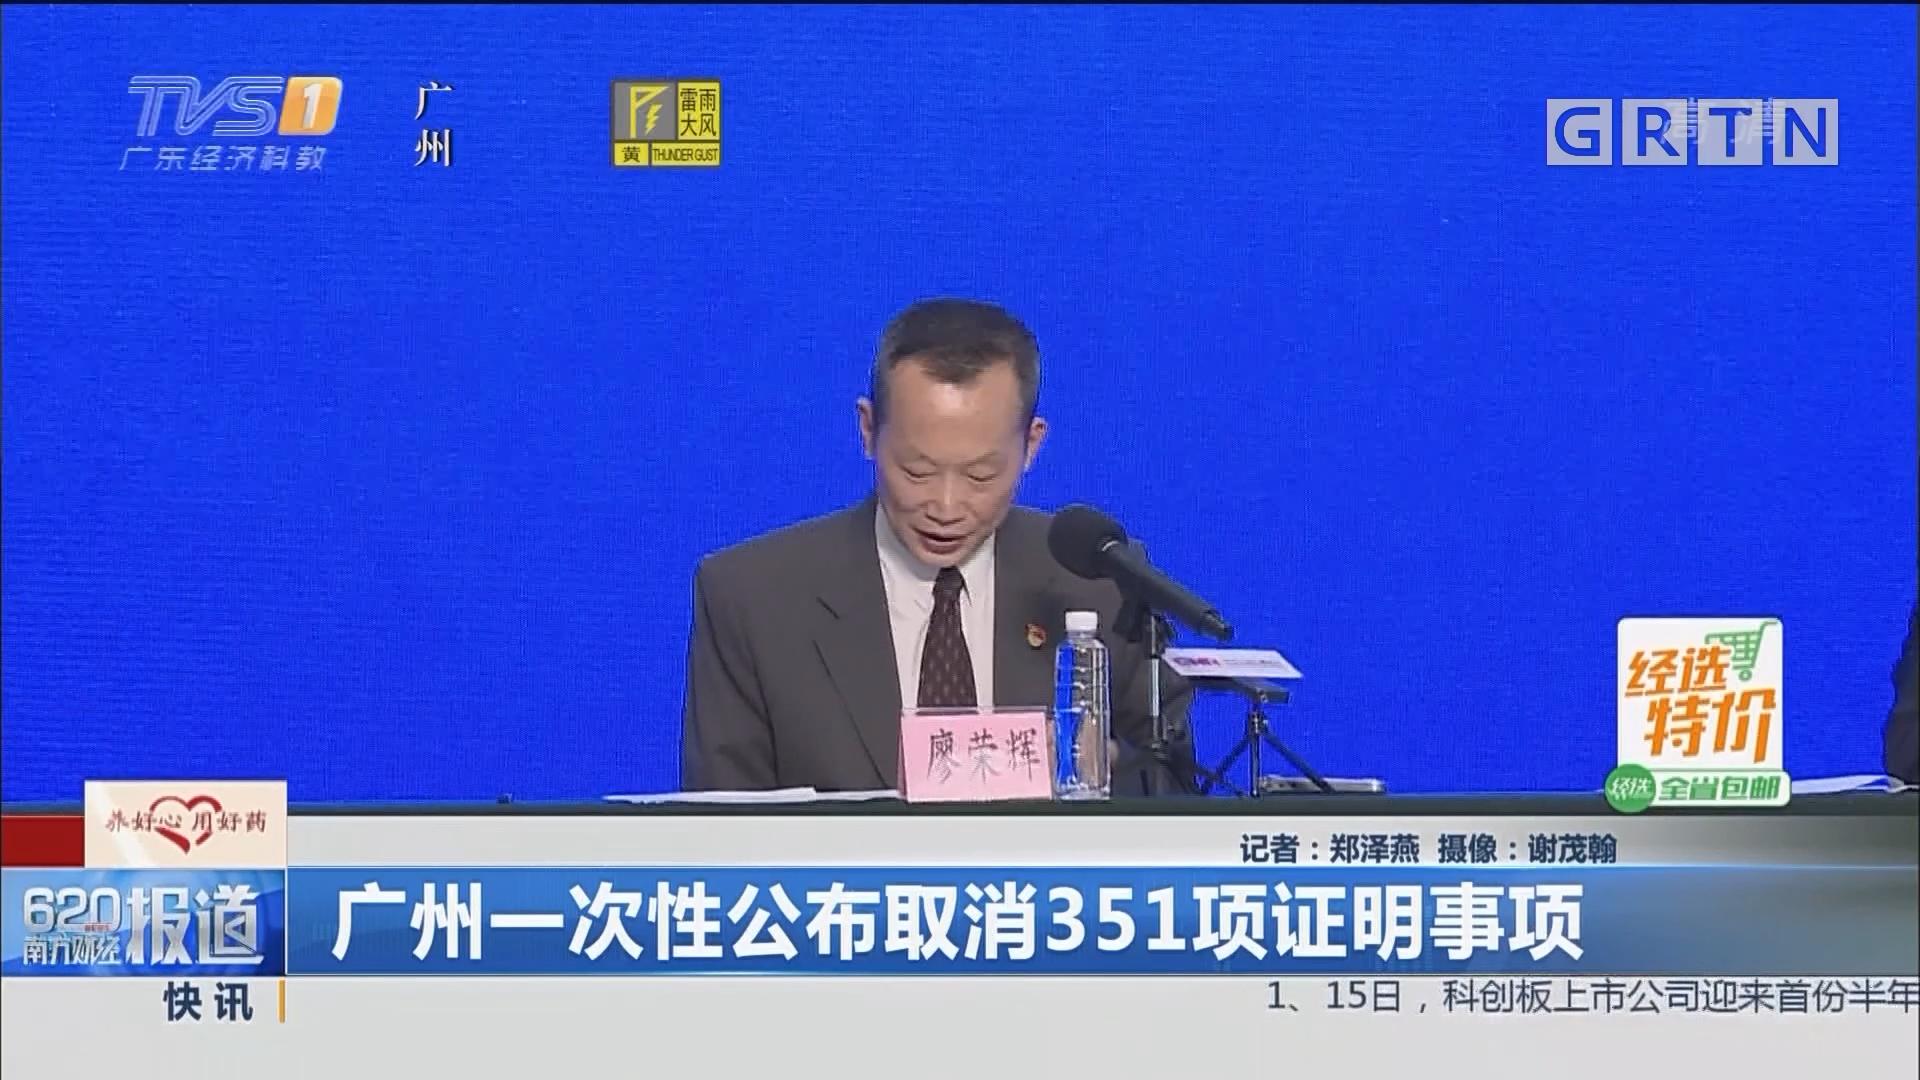 广州一次性公布取消351项证明事项